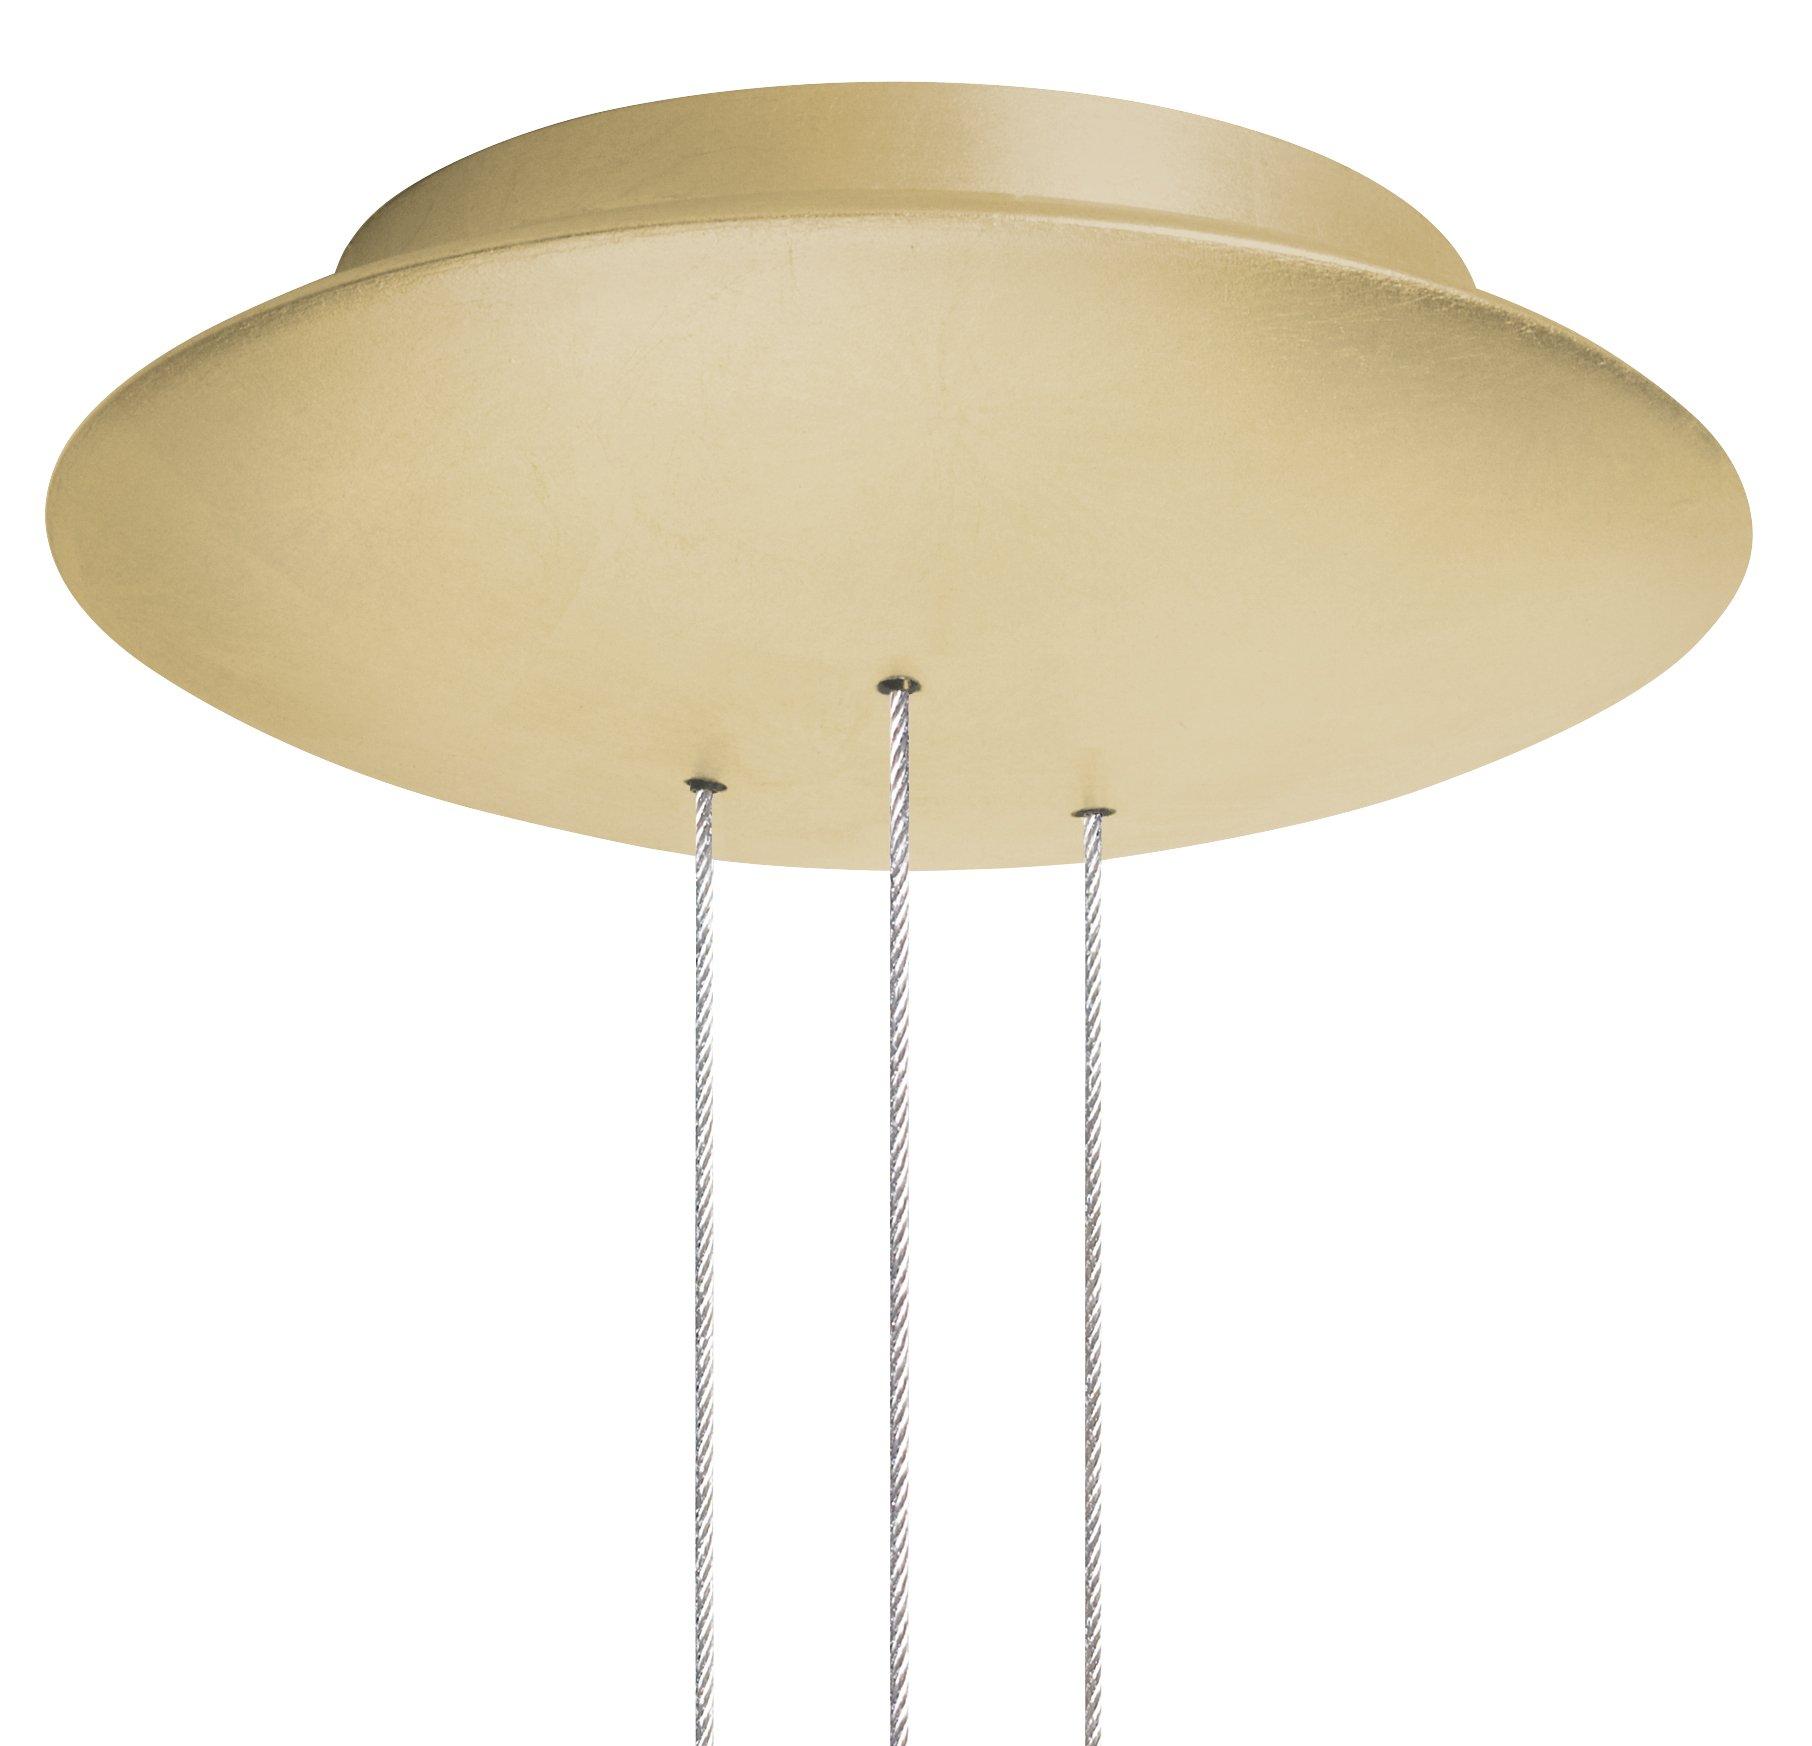 Vide lamp Don Luce